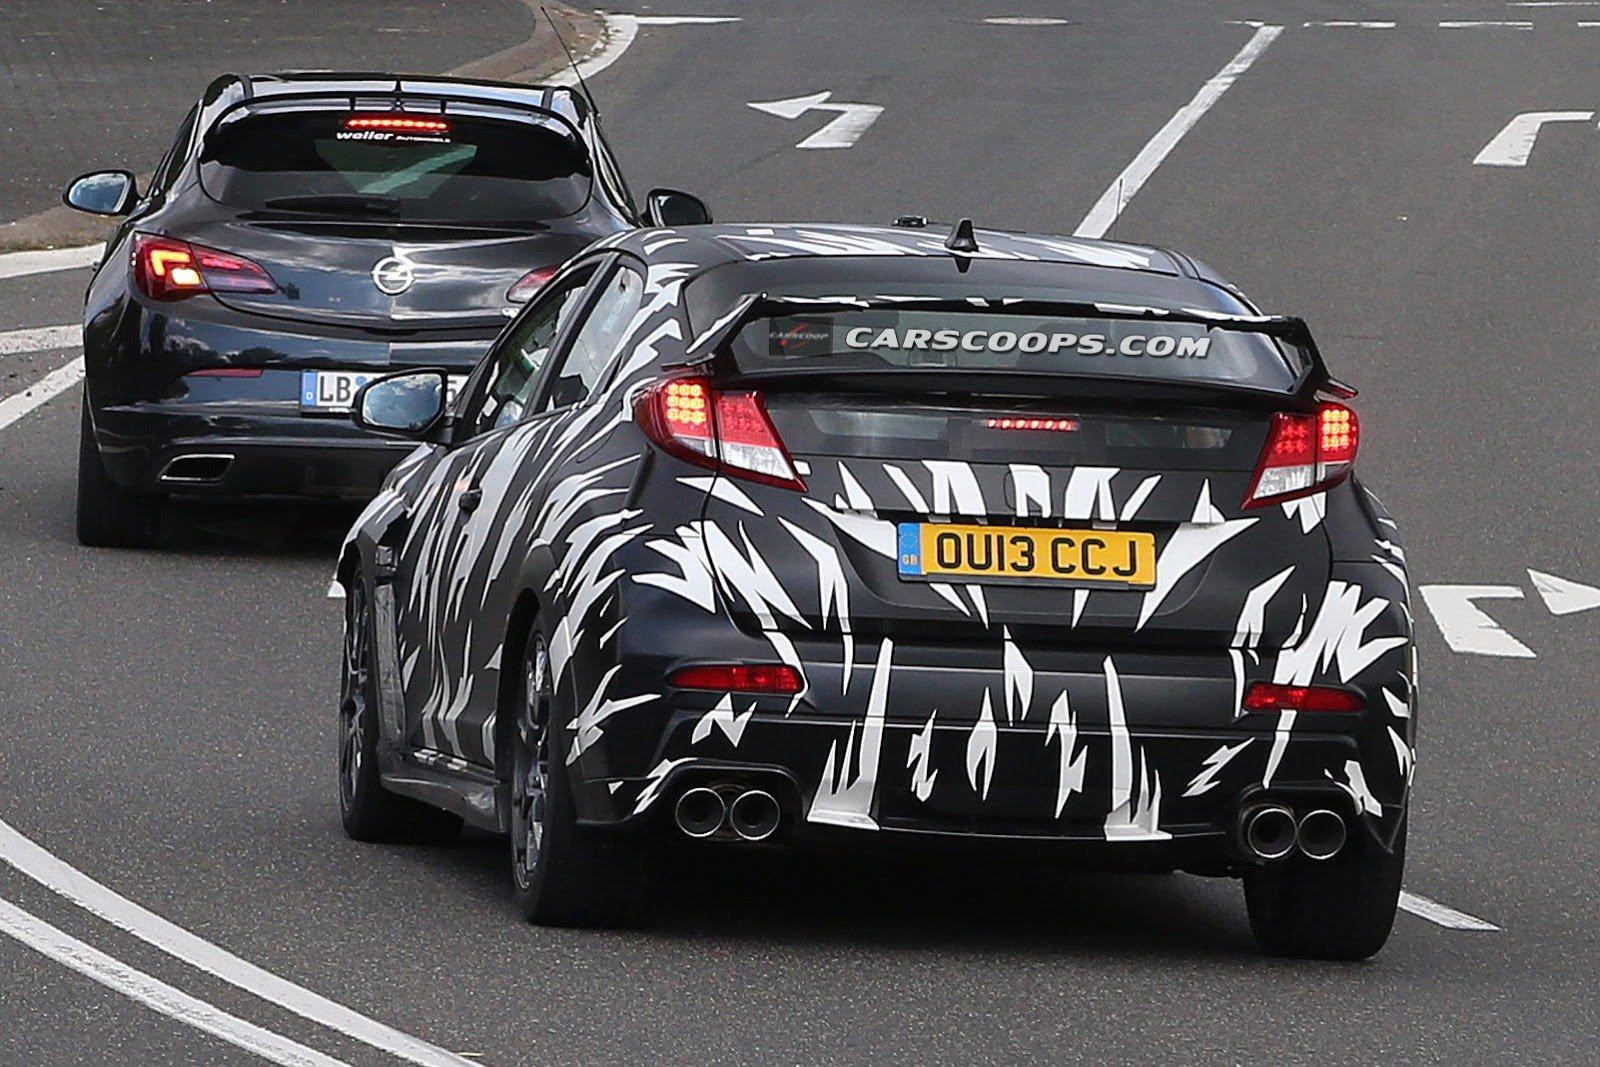 Концепт-кар Honda Civic Type R на автосалоне во Франкфурте 2013